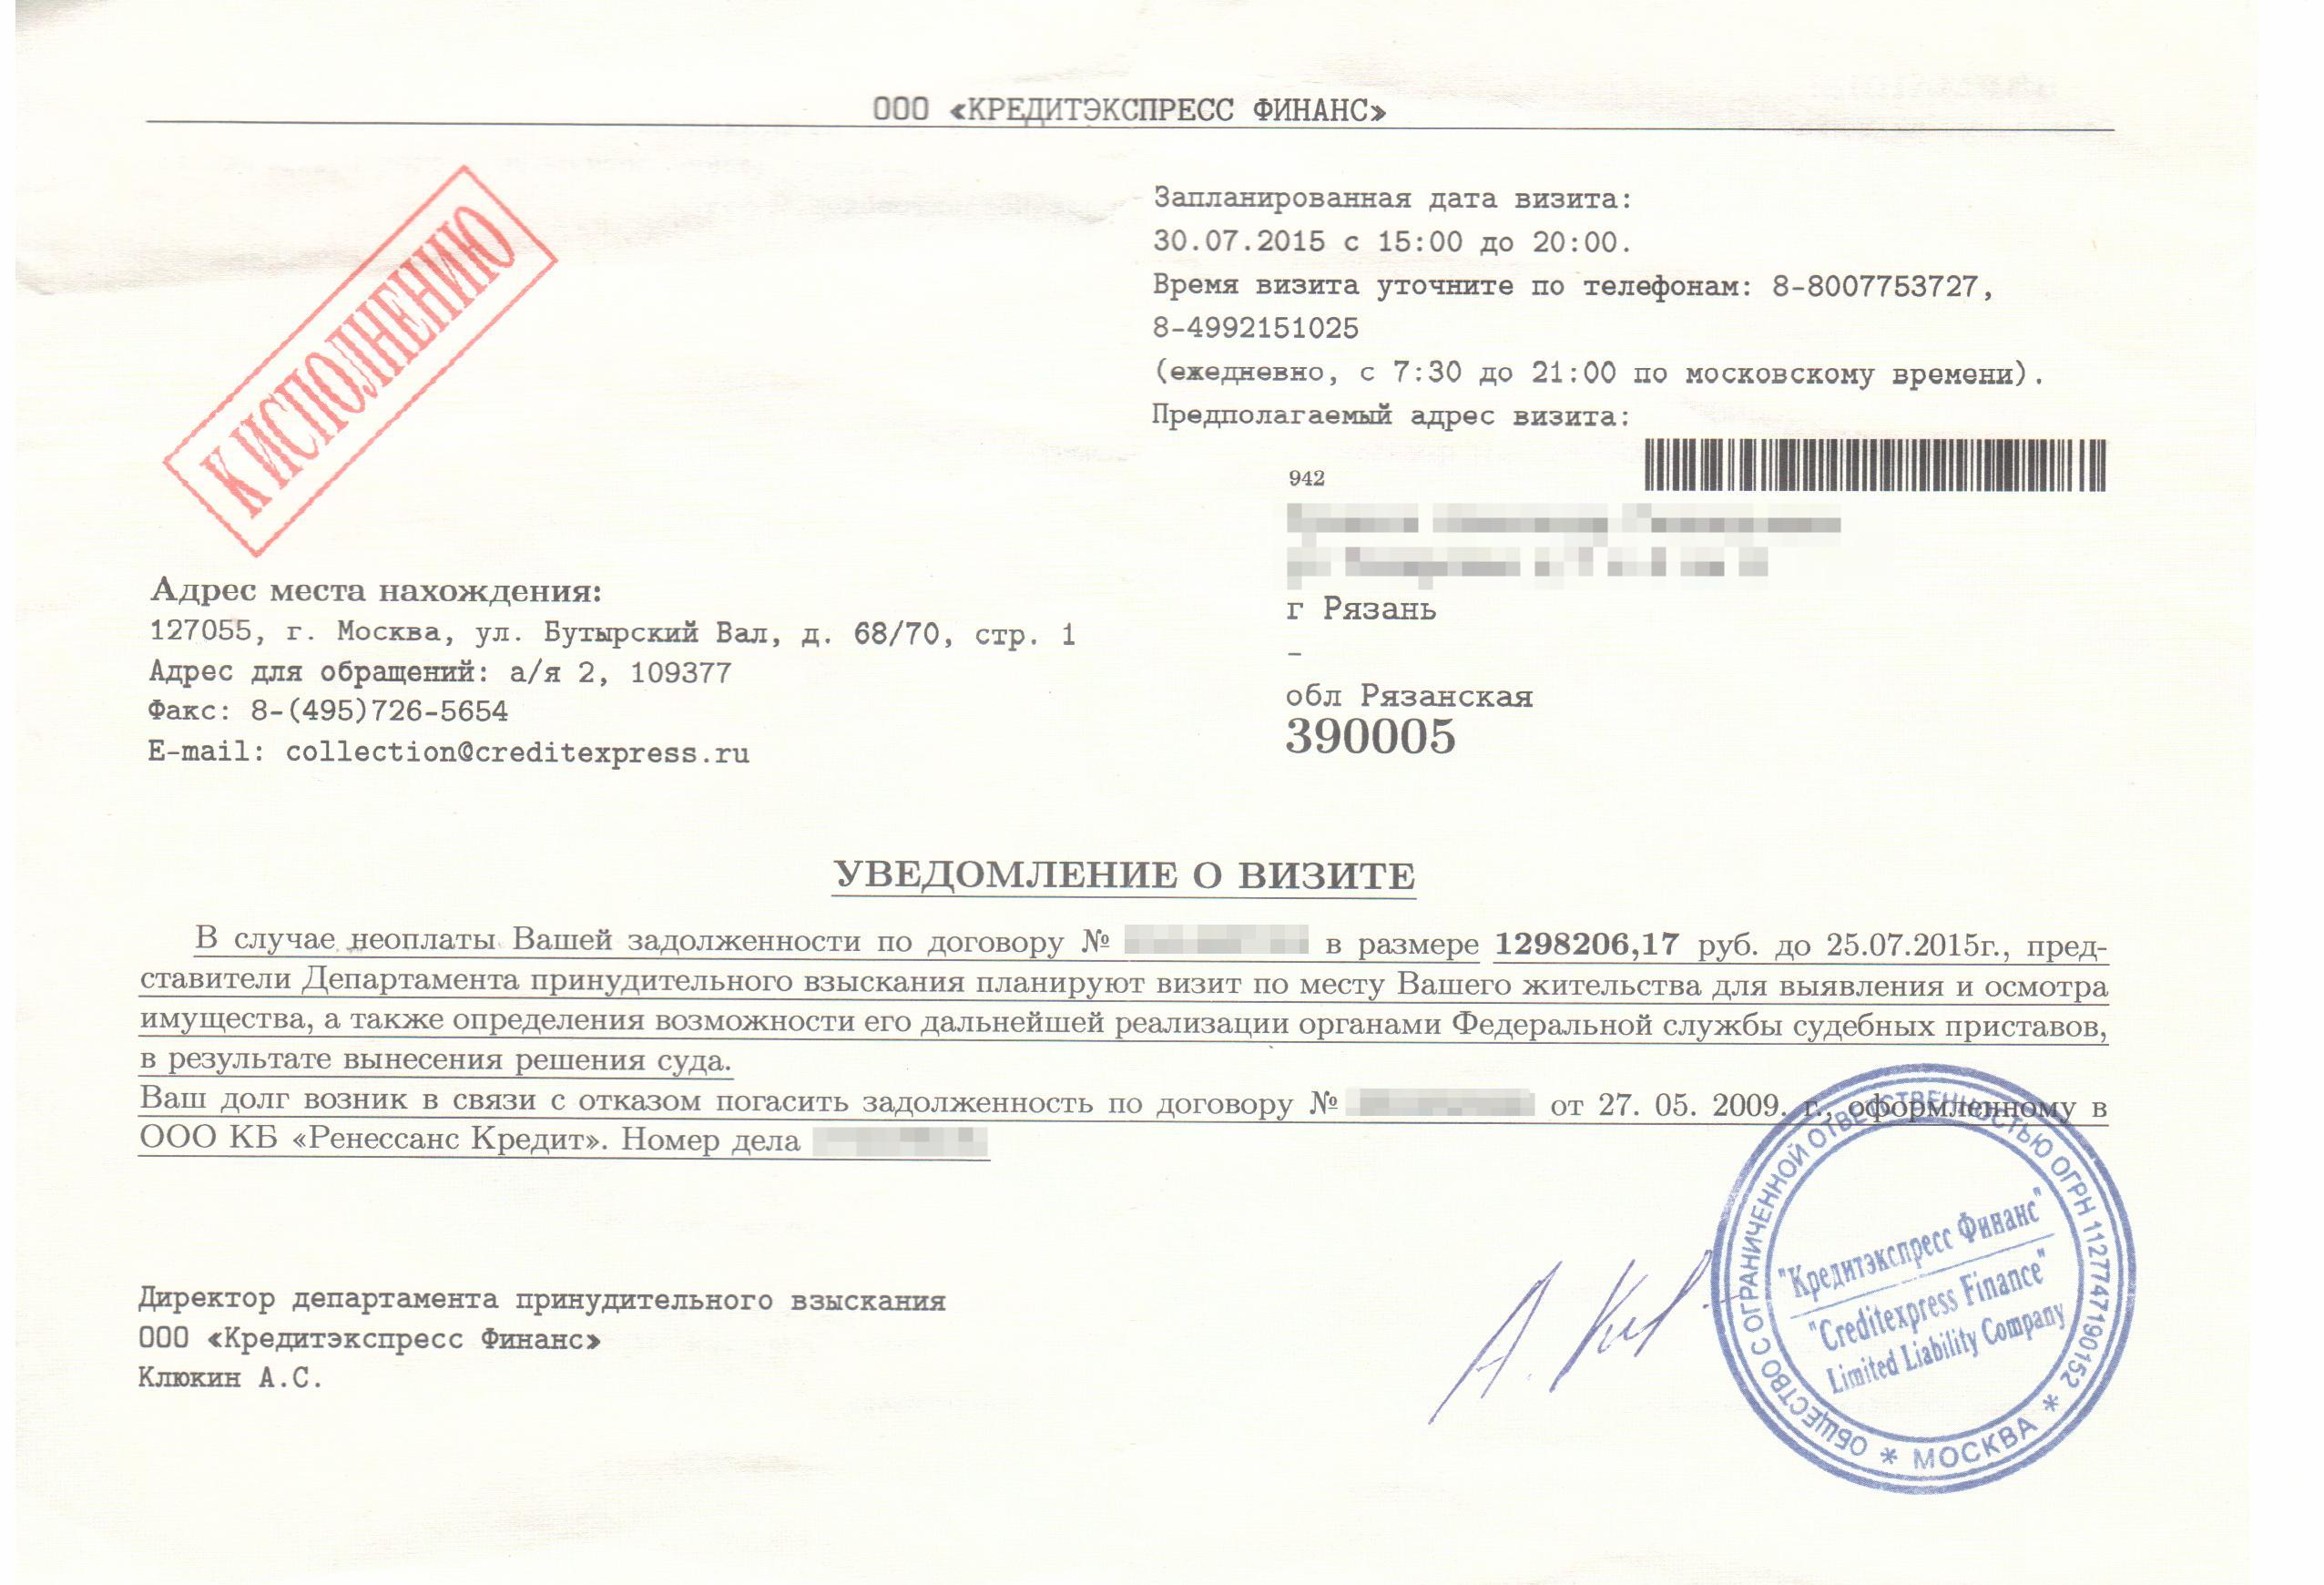 Уведомление от коллекторского агентства покупка долга по кредитному договору